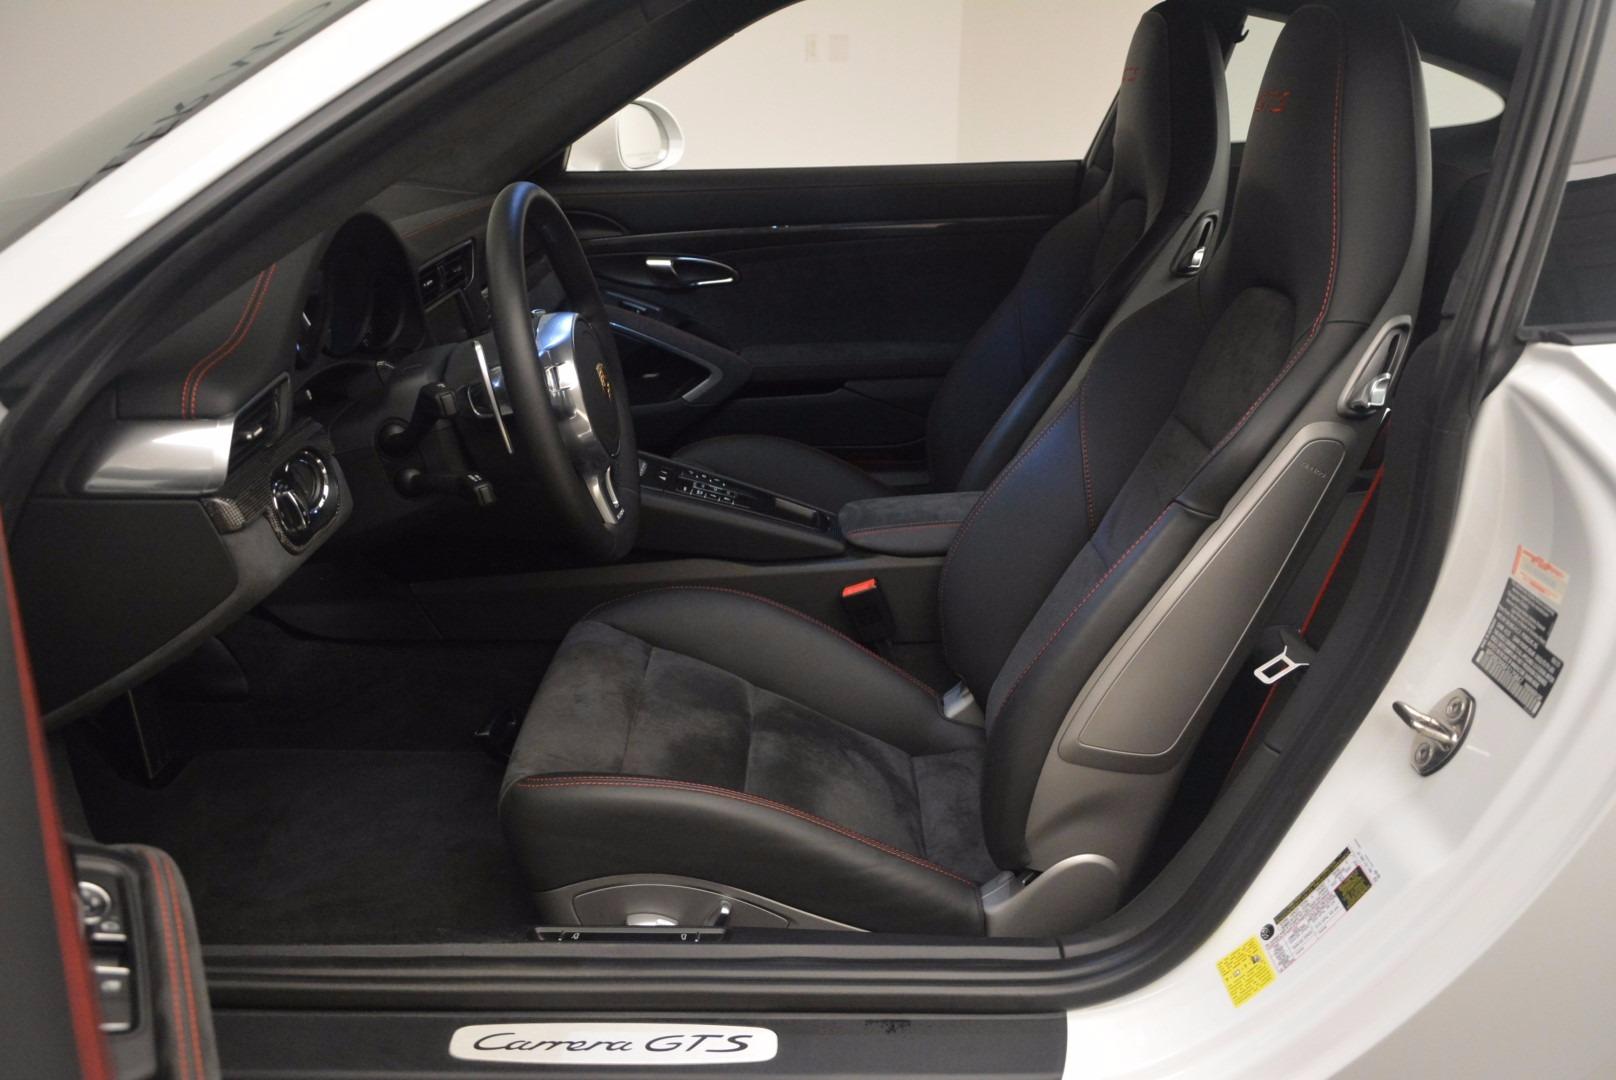 Used 2015 Porsche 911 Carrera GTS For Sale In Westport, CT 1444_p16